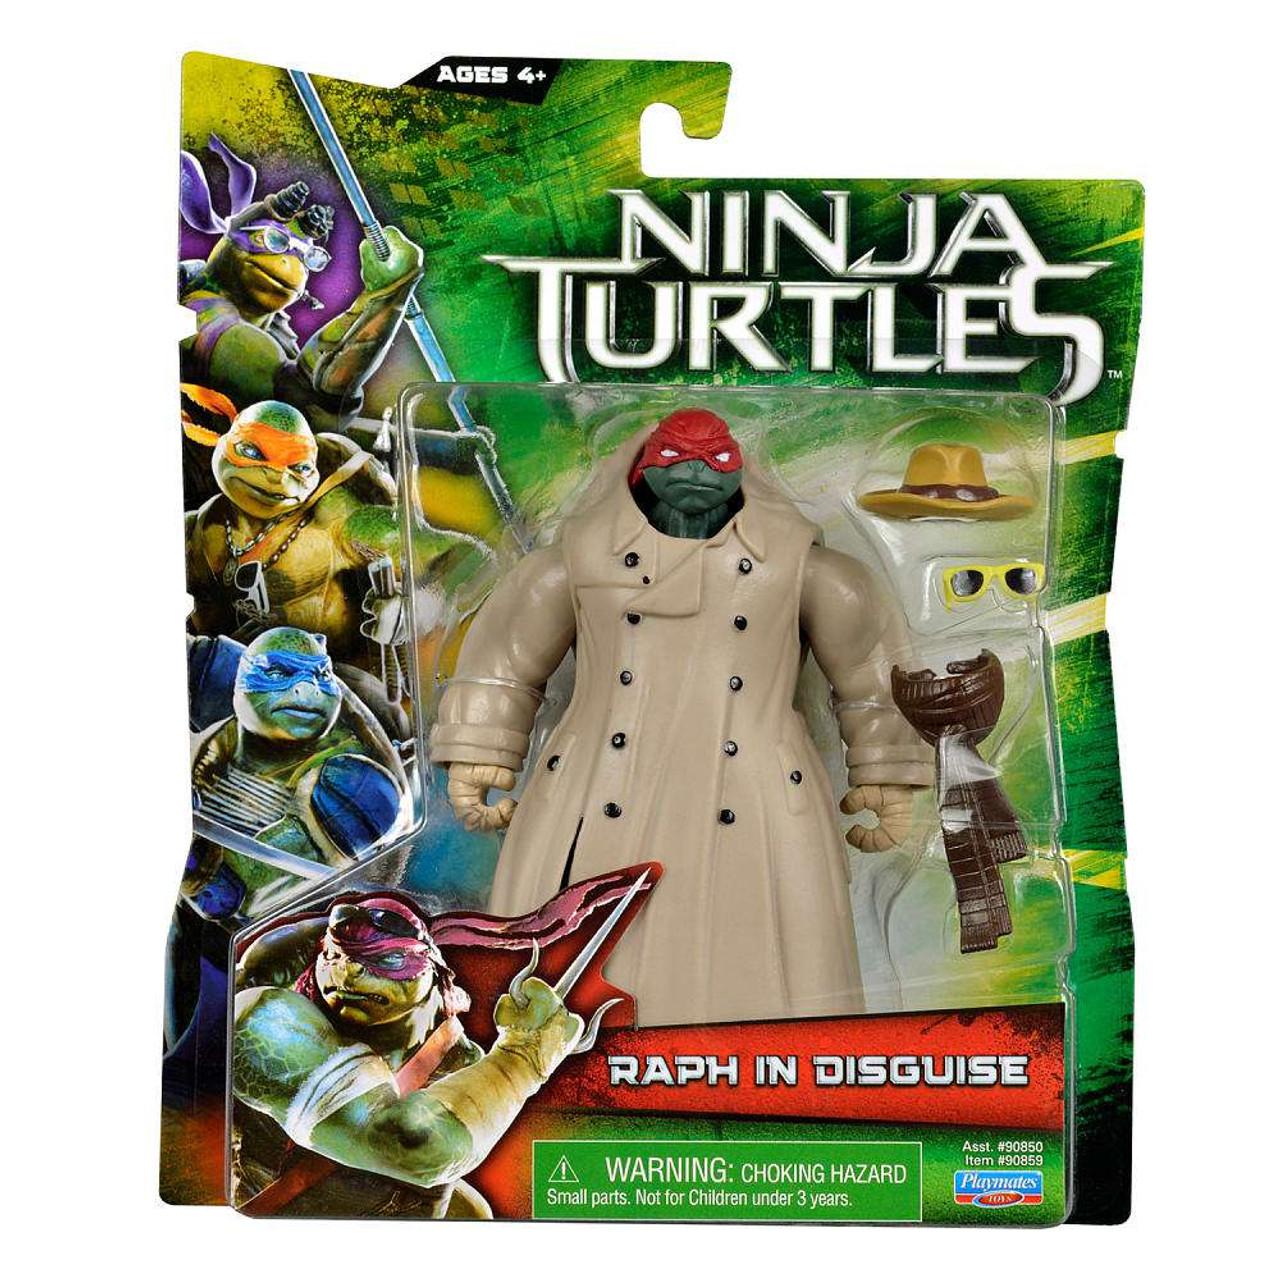 Teenage Mutant Ninja Turtles 2014 Movie Raphael Action Figure Raph